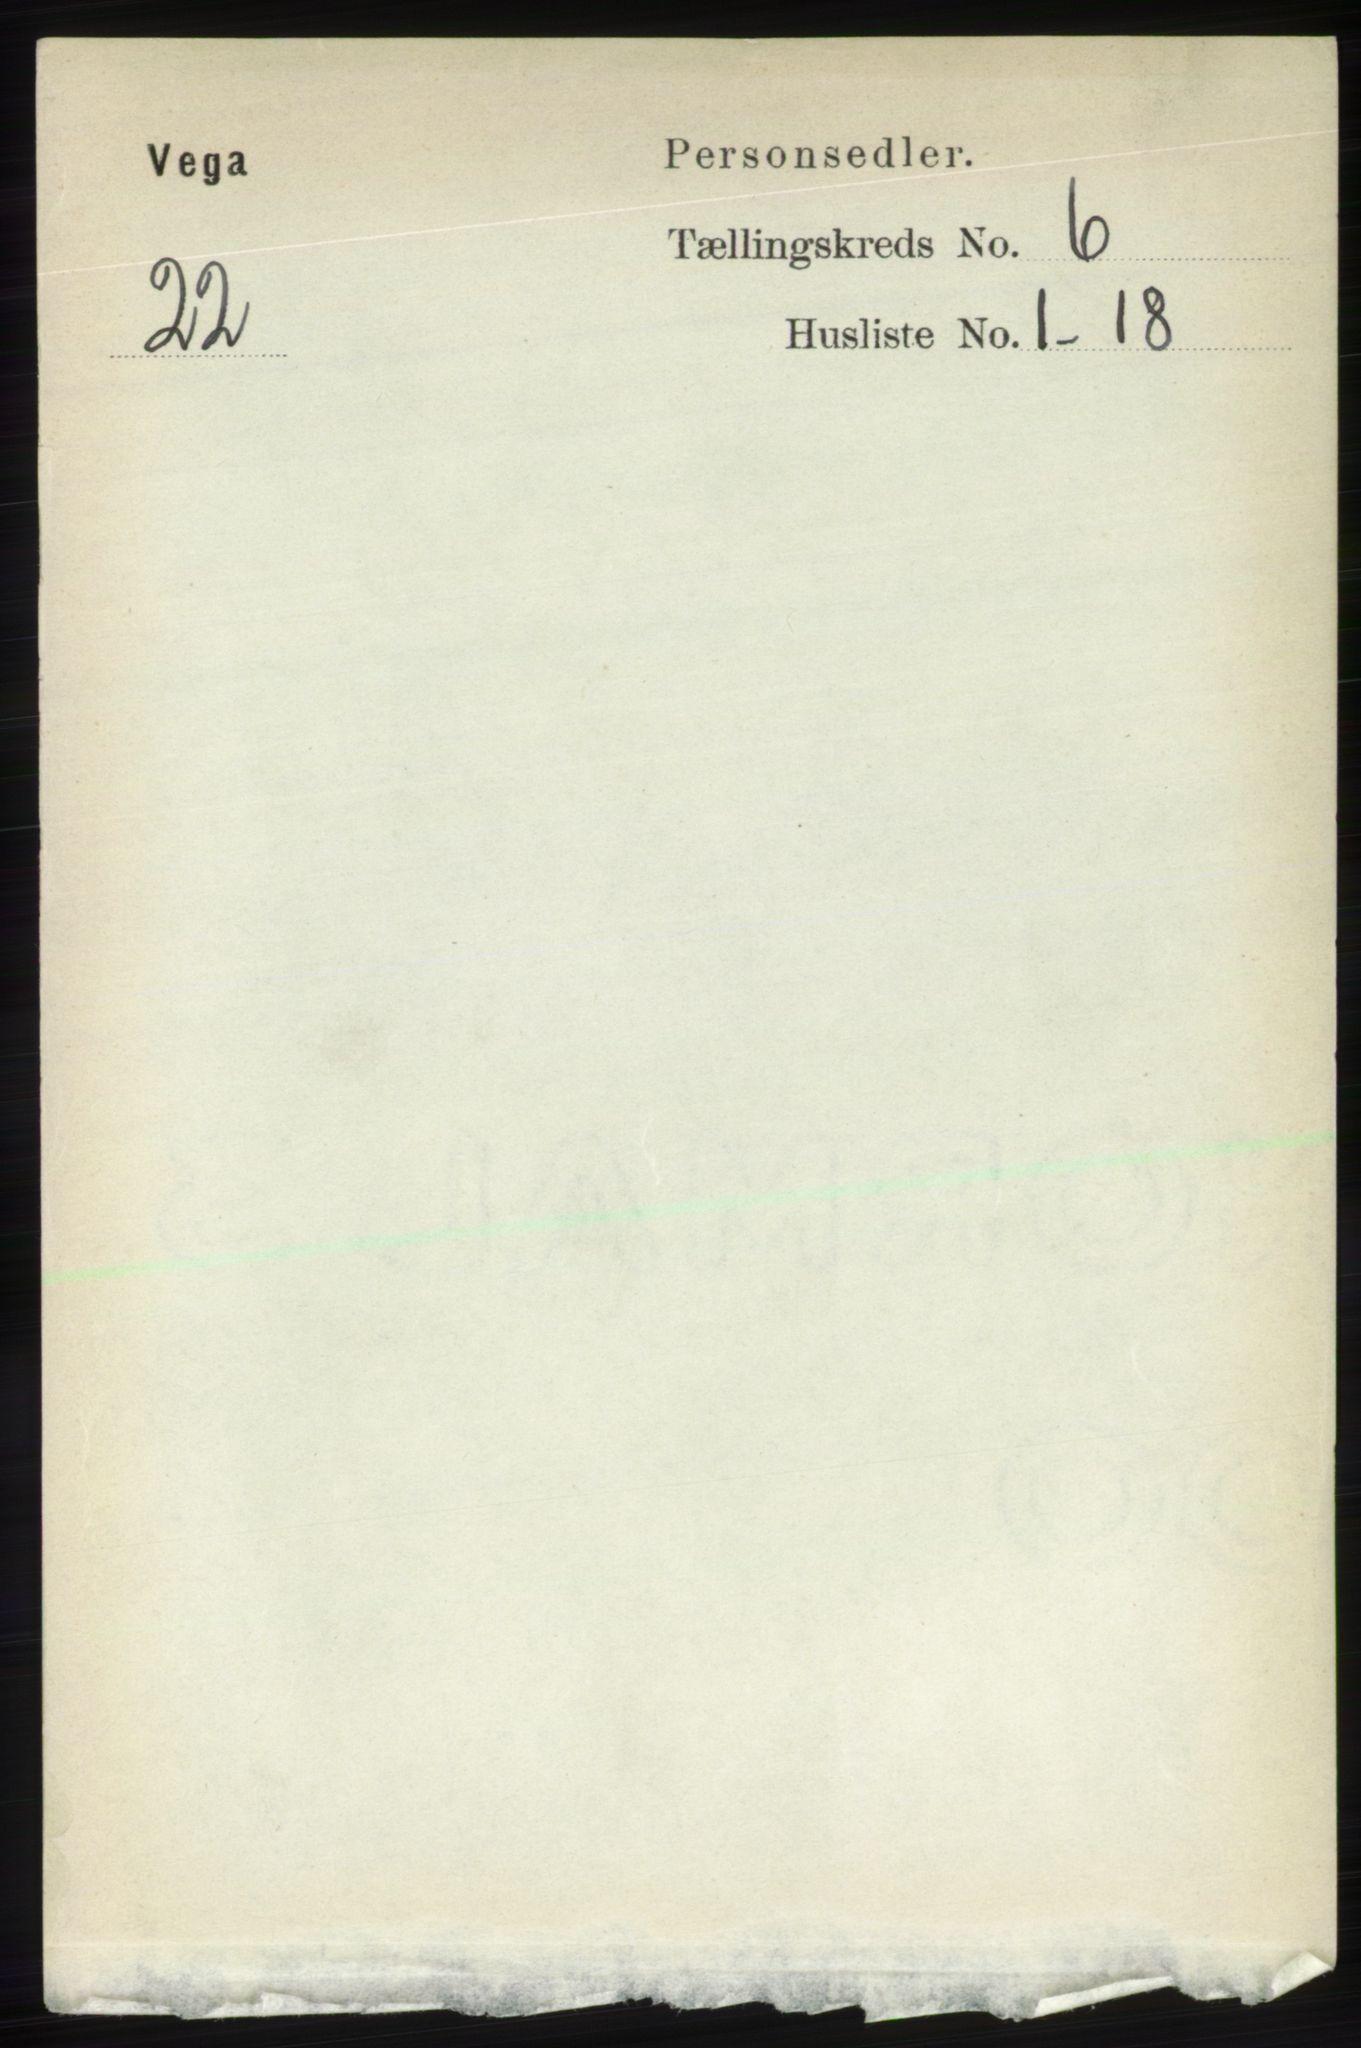 RA, Folketelling 1891 for 1815 Vega herred, 1891, s. 2563